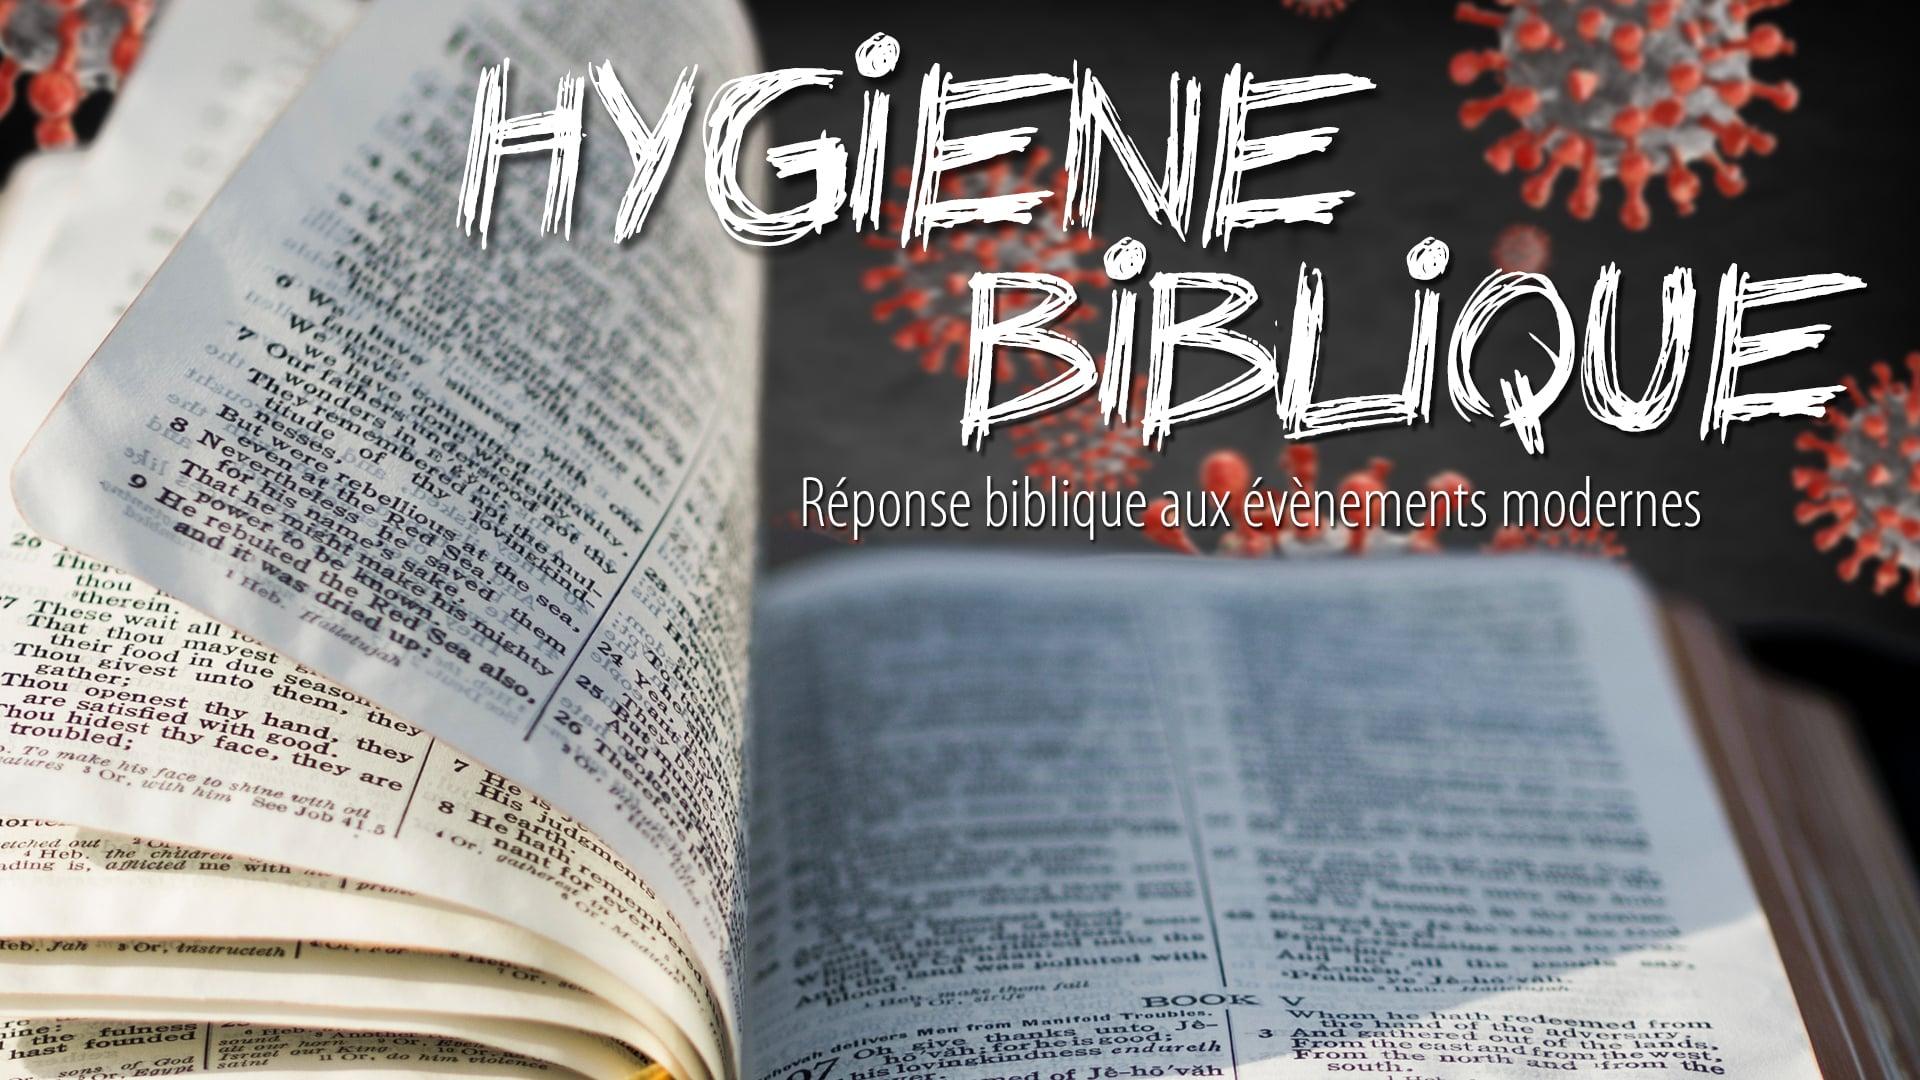 Hygiène biblique pt.1